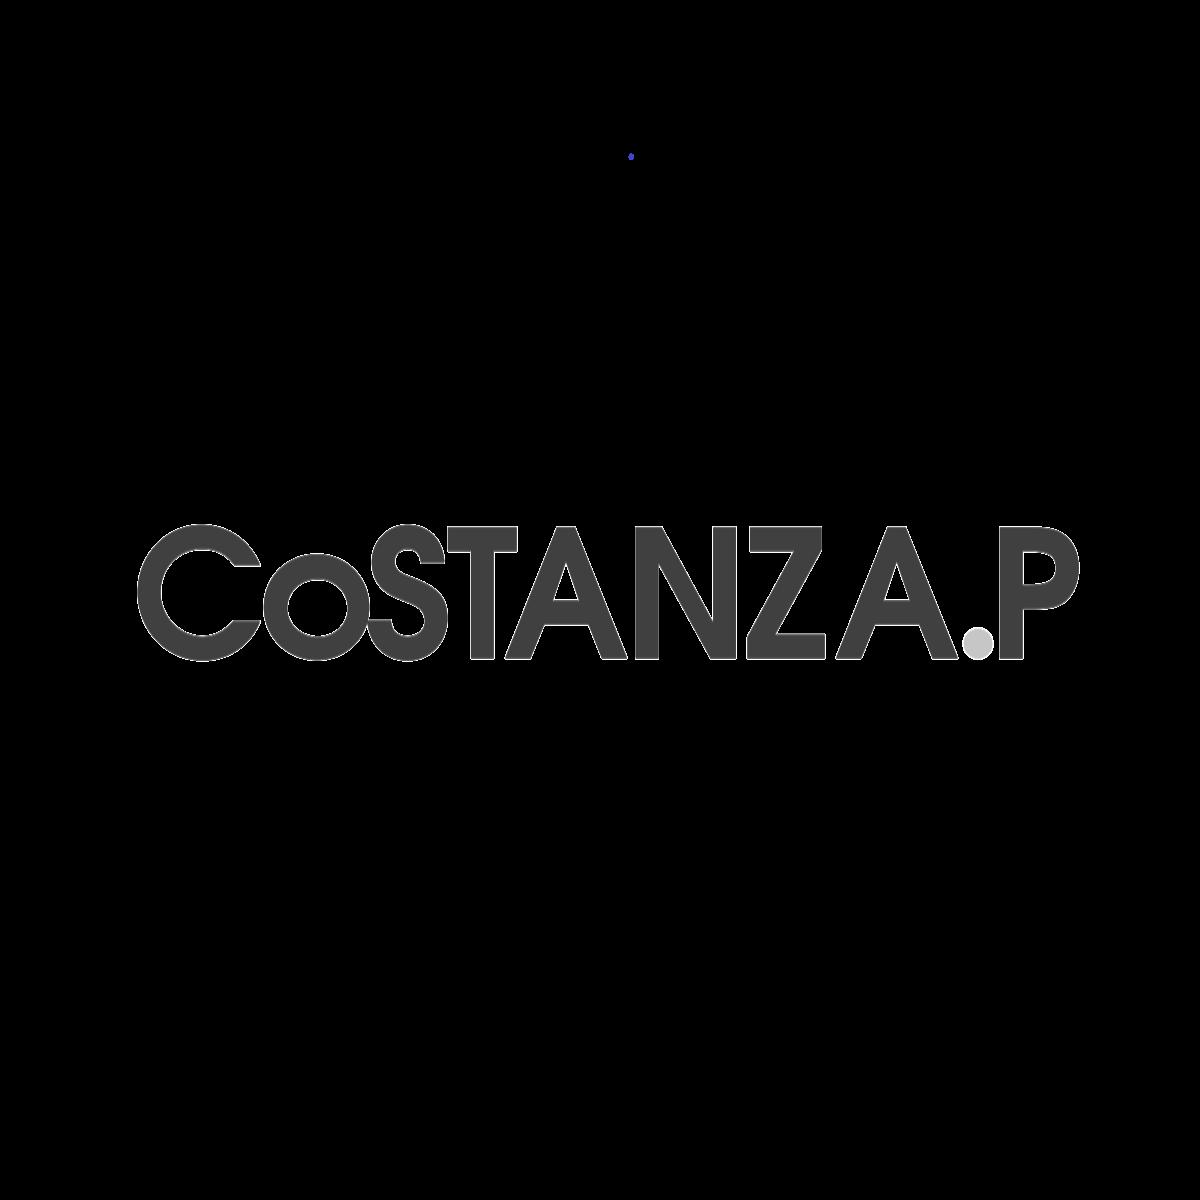 Costanza.P